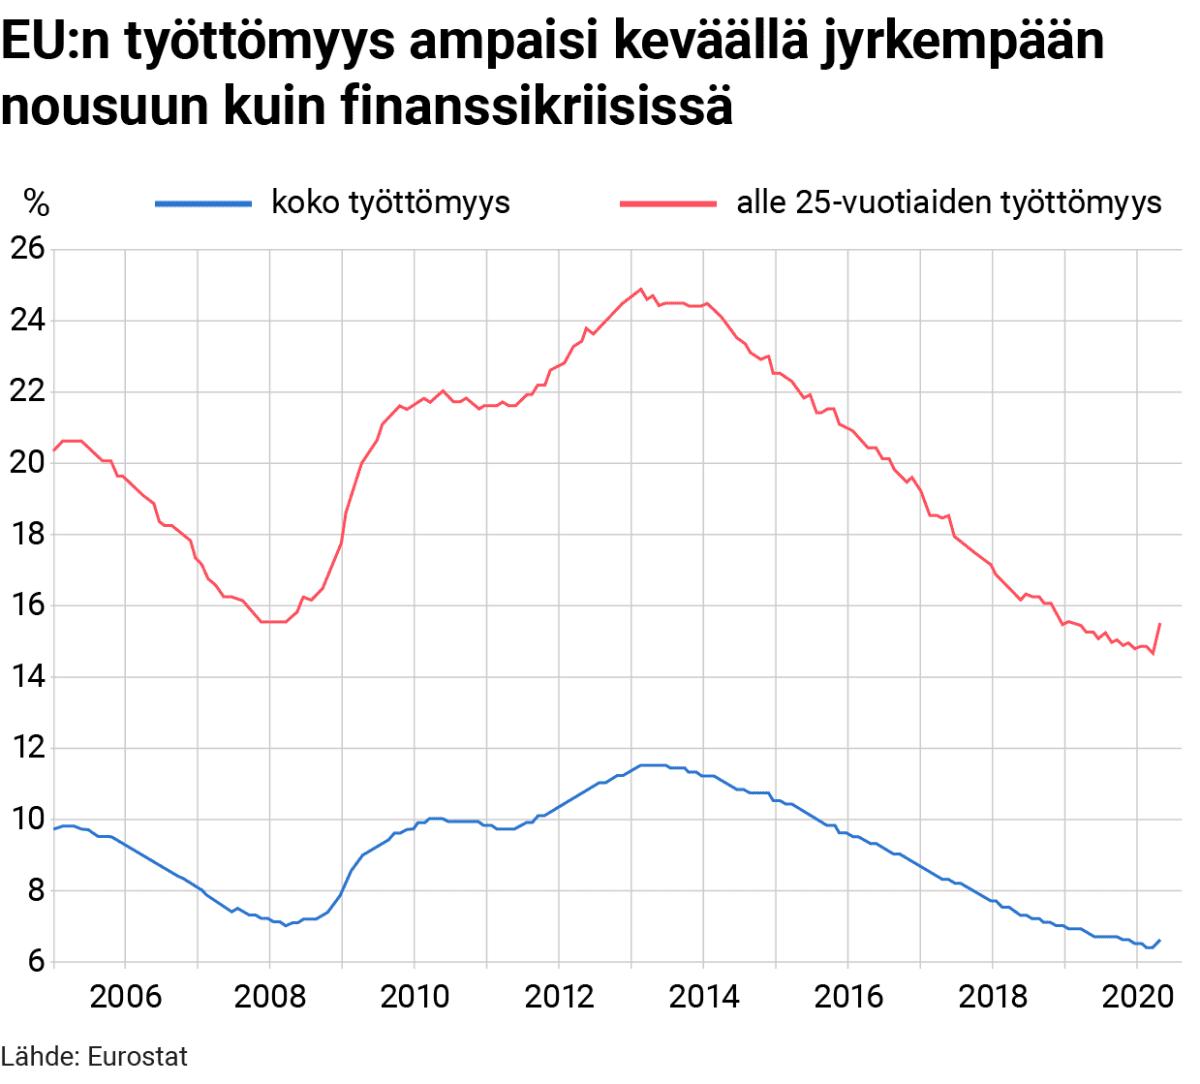 Tilastografiikka EU:n työttömyydestä.